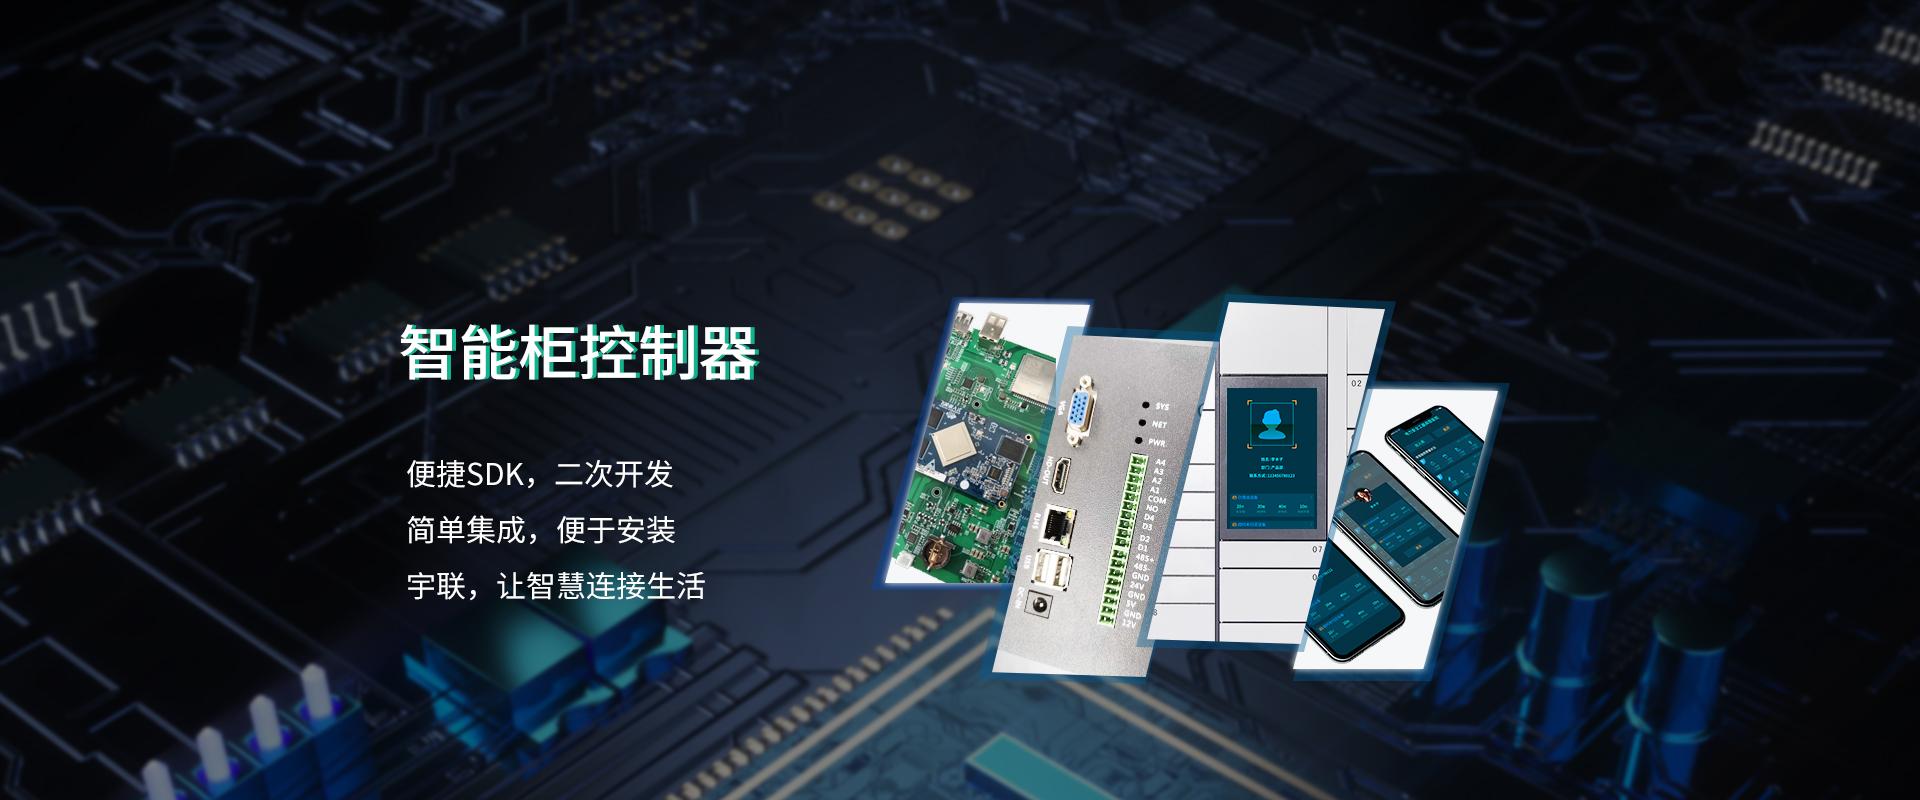 智能柜控制器便于安装